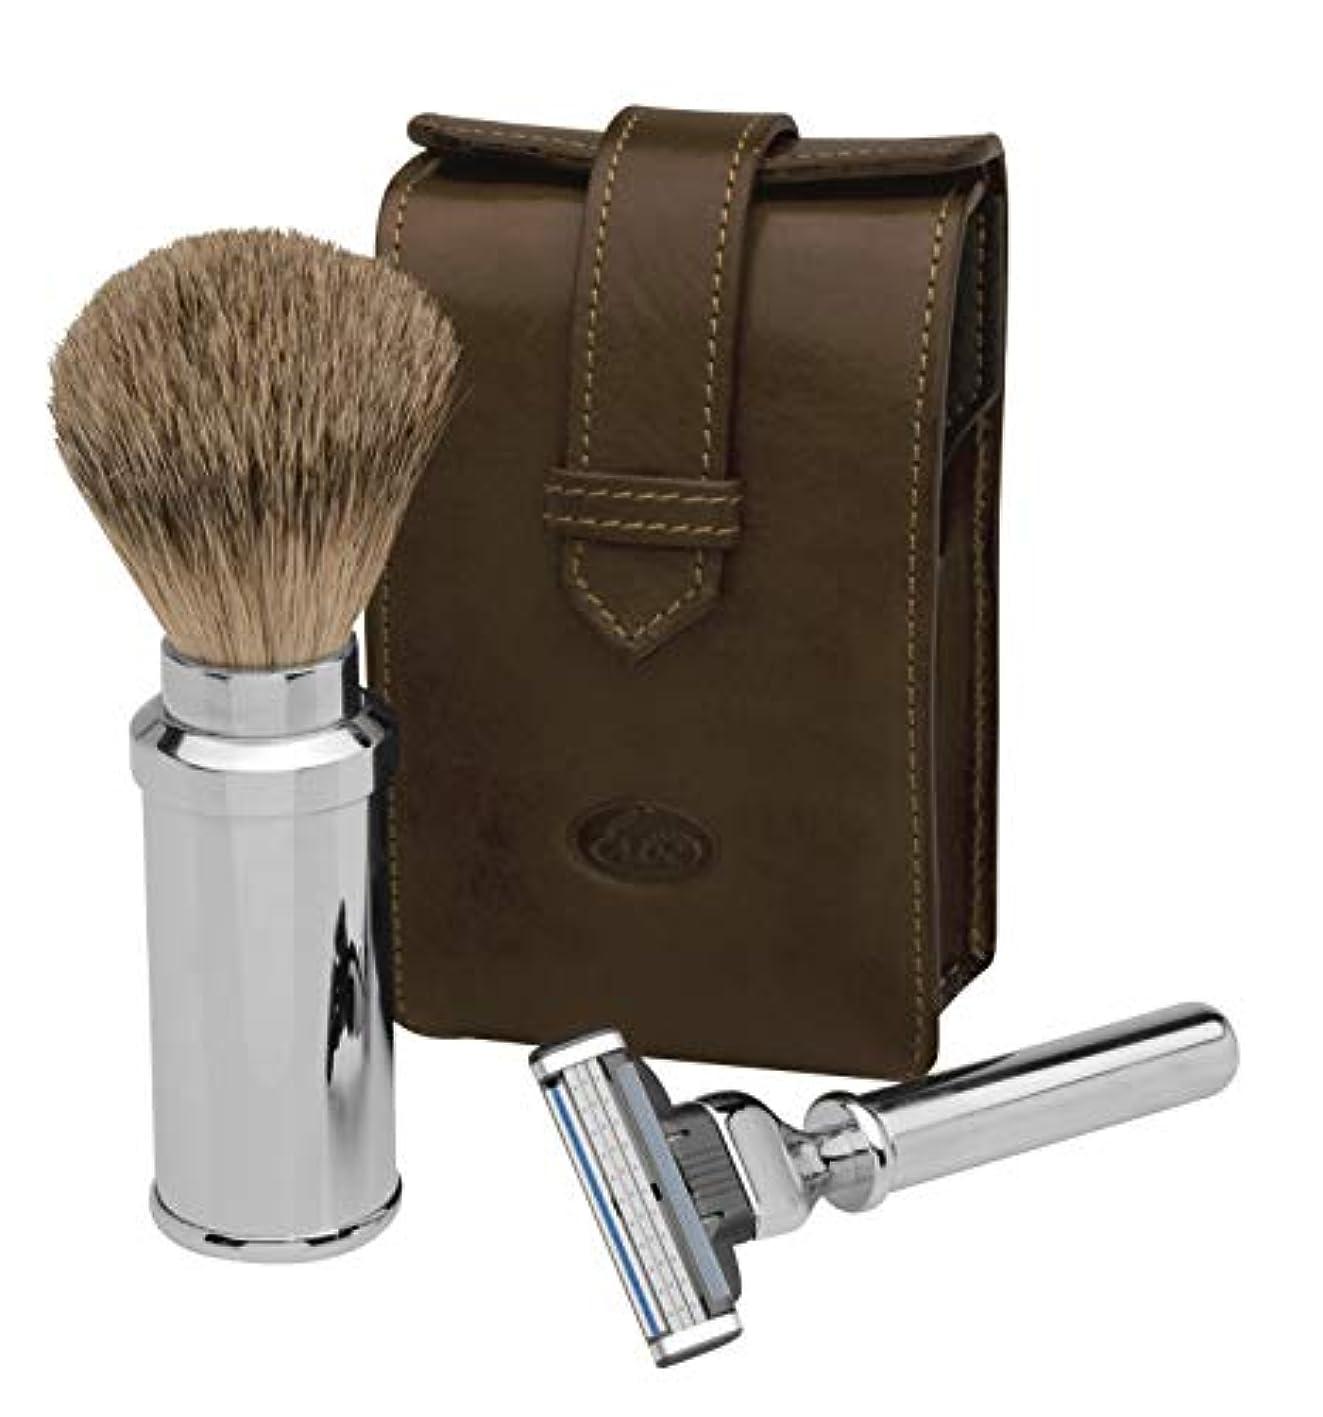 先行するとてもランチErbe Travel Shaving Set, Razor and Shaving Brush in brown Leather Pocket